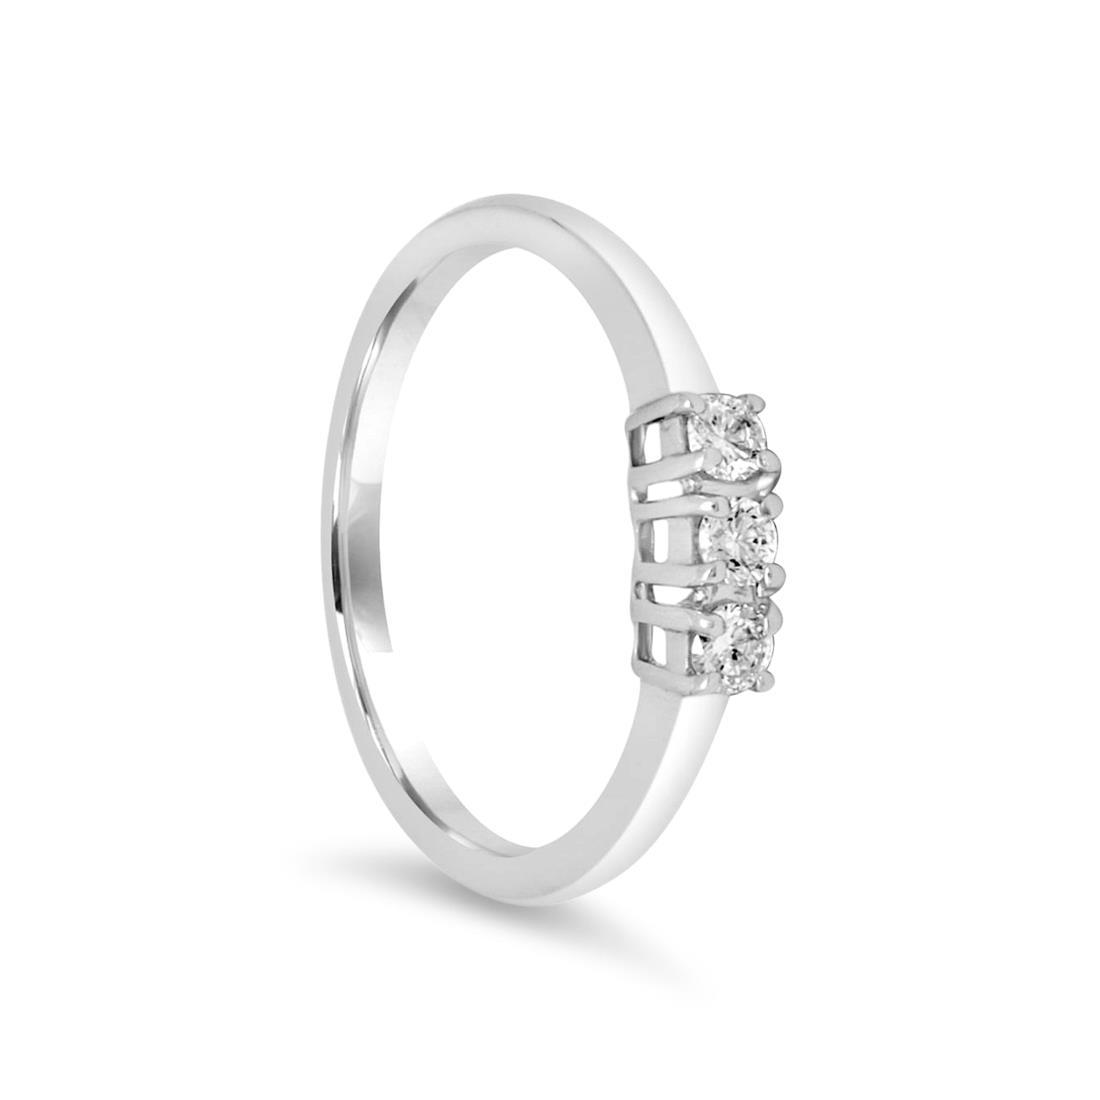 Anello trilogy in oro bianco con diamanti mis 13.5 - ALFIERI ST JOHN